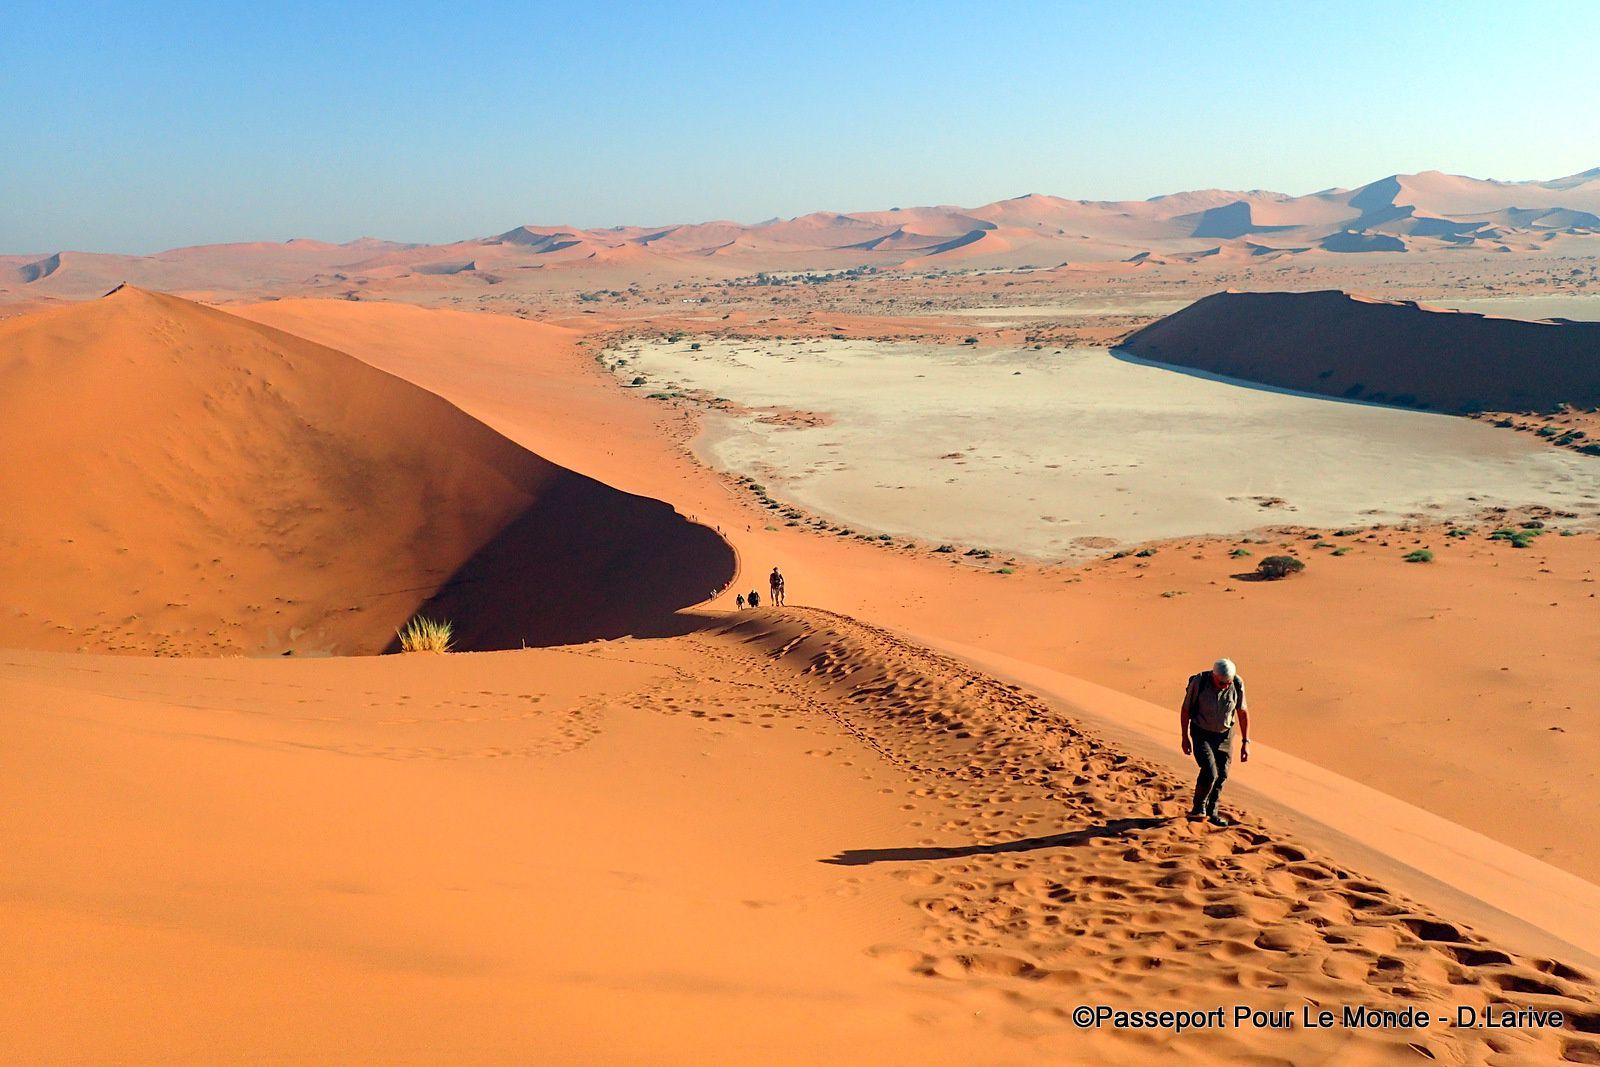 LE DESERT DU NAMIB : UN JOYAU ENTRE CIEL ET MER